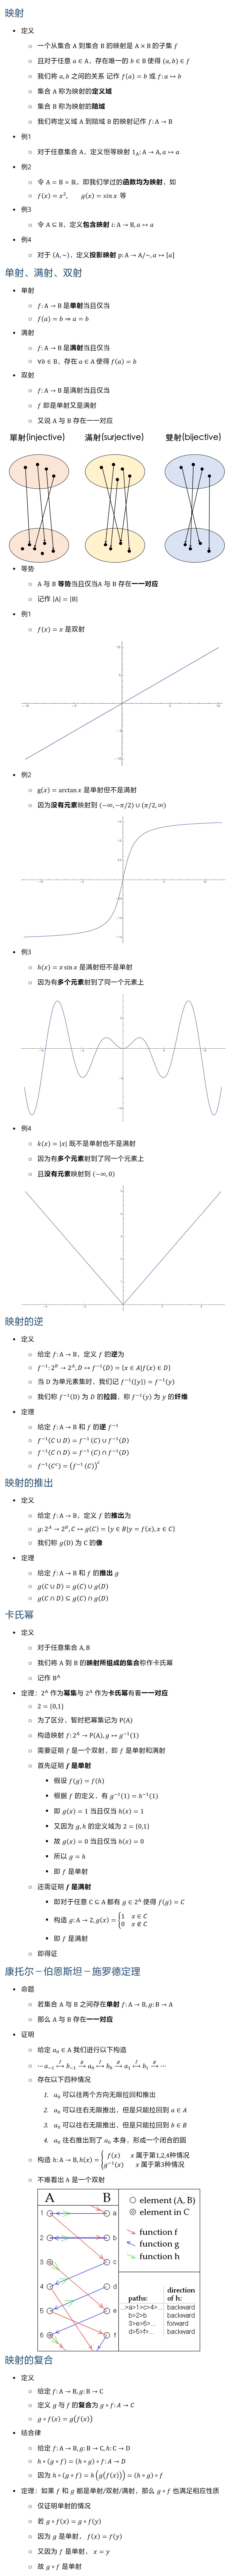 映射 • 定义 ○ 一个从集合 A 到集合 B 的映射是 A×B 的子集 f ○ 且对于任意 a∈A,存在唯一的 b∈B 使得 (a,b)∈f ○ 我们将 a,b 之间的关系 记作 f(a)=b 或 f:a↦b ○ 集合 A 称为映射的定义域 ○ 集合 B 称为映射的陪域 ○ 我们将定义域 A 到陪域 B 的映射记作 f:A→B • 例1 ○ 对于任意集合 A,定义恒等映射 1_A:A→A, a↦a • 例2 ○ 令 A=B=R,即我们学过的函数均为映射,如 ○ f(x)=x^2, g(x)=sinx 等 • 例3 ○ 令 A⊆B,定义包含映射 i:A→B, a↦a • 例4 ○ 对于 (A,~),定义投影映射 p:A→A\/~,a↦[a] 单射、满射、双射 • 单射 ○ f:A→B 是单射当且仅当 ○ f(a)=b⇒a=b • 满射 ○ f:A→B 是满射当且仅当 ○ ∀b∈B,存在 a∈A 使得 f(a)=b • 双射 ○ f:A→B 是满射当且仅当 ○ f 即是单射又是满射 ○ 又说 A 与 B 存在一一对应 • 等势 ○ A 与 B 等势当且仅当A 与 B 存在一一对应 ○ 记作 |A|=|B| • 例1 ○ f(x)=x 是双射 • 例2 ○ g(x)=arctanx 是单射但不是满射 ○ 因为没有元素映射到 (−∞,−π/2)∪(π/2,∞) • 例3 ○ h(x)=x sinx 是满射但不是单射 ○ 因为有多个元素射到了同一个元素上 • 例4 ○ k(x)=|x| 既不是单射也不是满射 ○ 因为有多个元素射到了同一个元素上 ○ 且没有元素映射到 (−∞,0) 映射的逆 • 定义 ○ 给定 f:A→B,定义 f 的逆为 ○ f^(−1):2^B→2^A, D↦f^(−1) (D)={x∈A|f(x)∈D} ○ 当 D 为单元素集时,我们记 f^(−1) ({y})=f^(−1) (y) ○ 我们称 f^(−1) (D) 为 D 的拉回,称 f^(−1) (y) 为 y 的纤维 • 定理 ○ 给定 f:A→B 和 f 的逆 f^(−1) ○ f^(−1) (C∪D)=f^(−1 ) (C)∪f^(−1) (D) ○ f^(−1) (C∩D)=f^(−1 ) (C)∩f^(−1) (D) ○ f^(−1) (C^c )=(f^(−1 ) (C))^c 映射的推出 • 定义 ○ 给定 f:A→B,定义 f 的推出为 ○ g:2^A→2^B, C↦g(C)={y∈B|y=f(x),x∈C} ○ 我们称 g(D) 为 C 的像 • 定理 ○ 给定 f:A→B 和 f 的推出 g ○ g(C∪D)=g(C)∪g(D) ○ g(C∩D)⊆g(C)∩g(D) 卡氏幂 • 定义 ○ 对于任意集合 A,B ○ 我们将 A 到 B 的映射所组成的集合称作卡氏幂 ○ 记作 B^A • 定理:2^A 作为幂集与 2^A 作为卡氏幂有着一一对应 ○ 2={0,1} ○ 为了区分,暂时把幂集记为 P(A) ○ 构造映射 f:2^A→P(A), g↦g^(−1) (1) ○ 需要证明 f 是一个双射,即 f 是单射和满射 ○ 首先证明 f 是单射 § 假设 f(g)=f(h § 根据 f 的定义,有 g^(−1) (1)=h(−1) (1) § 即 g(x)=1 当且仅当 h(x)=1 § 又因为 g,h 的定义域为 2={0,1} § 故 g(x)=0 当且仅当 h(x)=0 § 所以 g=h § 即 f 是单射 ○ 还需证明 f 是满射 § 即对于任意 C⊆A 都有 g∈2^A 使得 f(g)=C § 构造 g:A→2, g(x)={■8(1&x∈C@0&x∉C)┤ § 即 f 是满射 ○ 即得证 康托尔-伯恩斯坦-施罗德定理 • 命题 ○ 若集合 A 与 B 之间存在单射 f:A→B, g:B→A ○ 那么 A 与 B 存在一一对应 • 证明 ○ 给定 a_0∈A 我们进行以下构造 ○ ⋯a_(−1) ⟼┴f b_(−1) ⟶┴g a_0 ⟼┴f b_0 ⟶┴g a_1 ⟼┴f b_1 ⟶┴g⋯ ○ 存在以下四种情况 1. a_0 可以往两个方向无限拉回和推出 2. a_0 可以往右无限推出,但是只能拉回到 a∈A 3. a_0 可以往右无限推出,但是只能拉回到 b∈B 4. a_0 往右推出到了 a_0 本身,形成一个闭合的圆 ○ 构造 h:A→B, h(x)={■8(f(x)&x 属于第1,2,4种情况@g^(−1) (x)&x 属于第3种情况)┤ ○ 不难看出 h 是一个双射 映射的复合 • 定义 ○ 给定 f:A→B, g:B→C ○ 定义 g 与 f 的复合为 g∘f:A→C ○ g∘f(x)=g(f(x)) • 结合律 ○ 给定